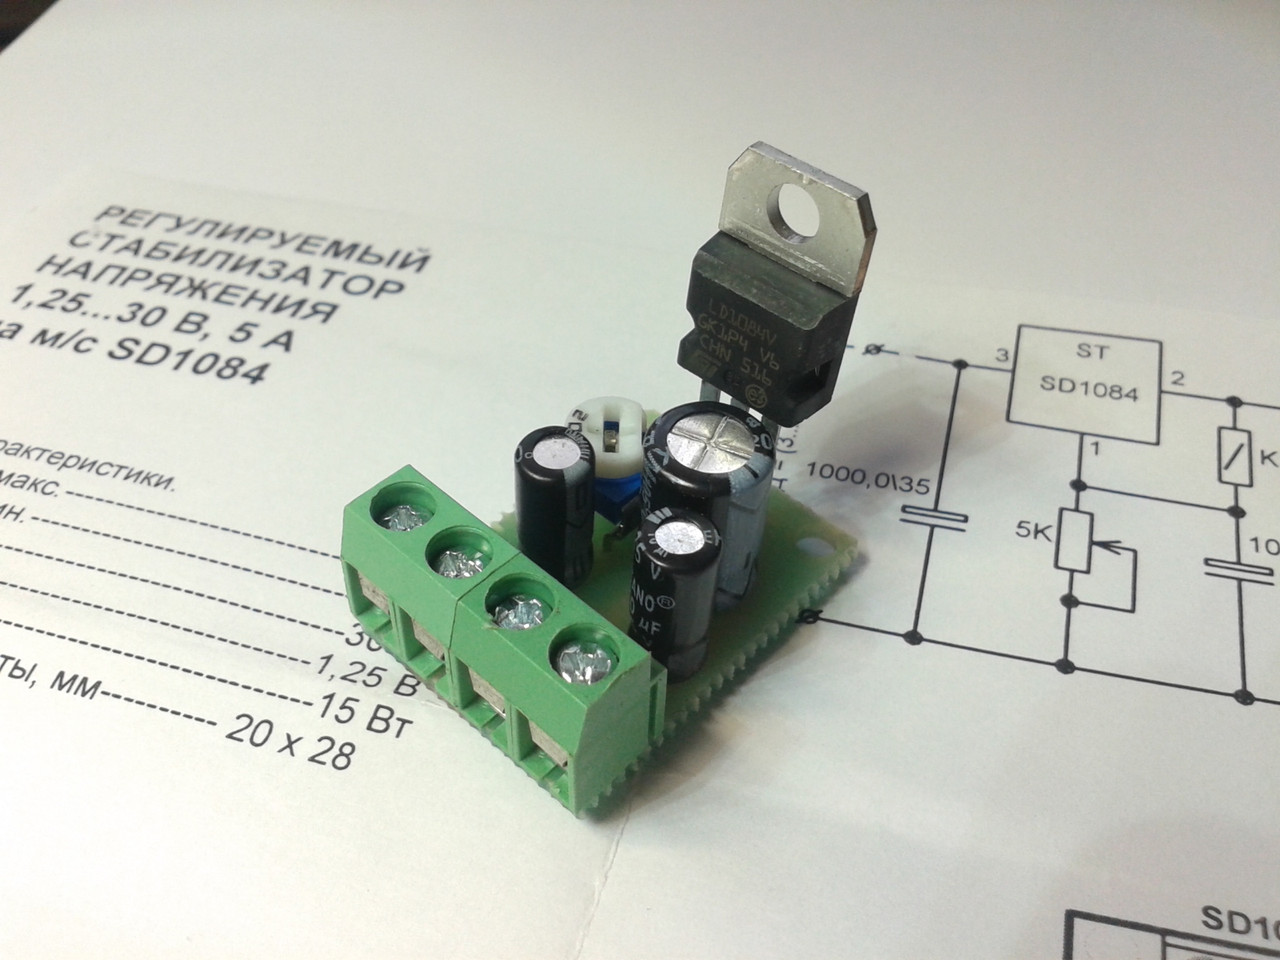 Стабилизатор напряжения на 1084 подключение настенных стабилизаторов напряжения